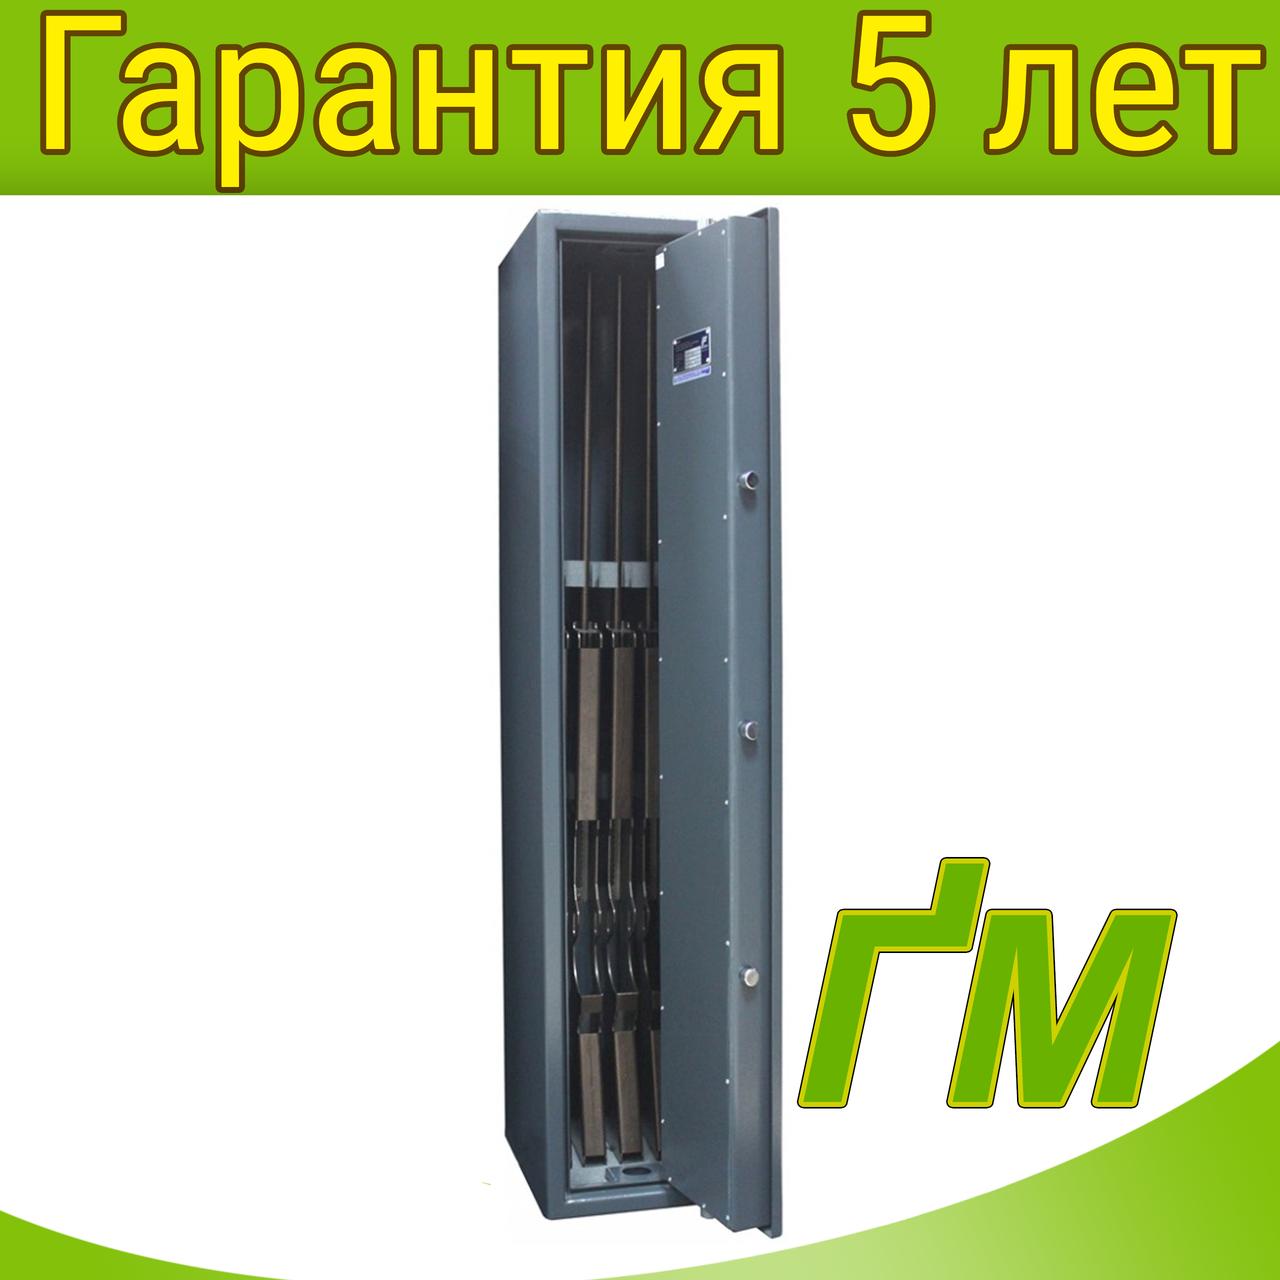 Сейф оружейный GH.300.K